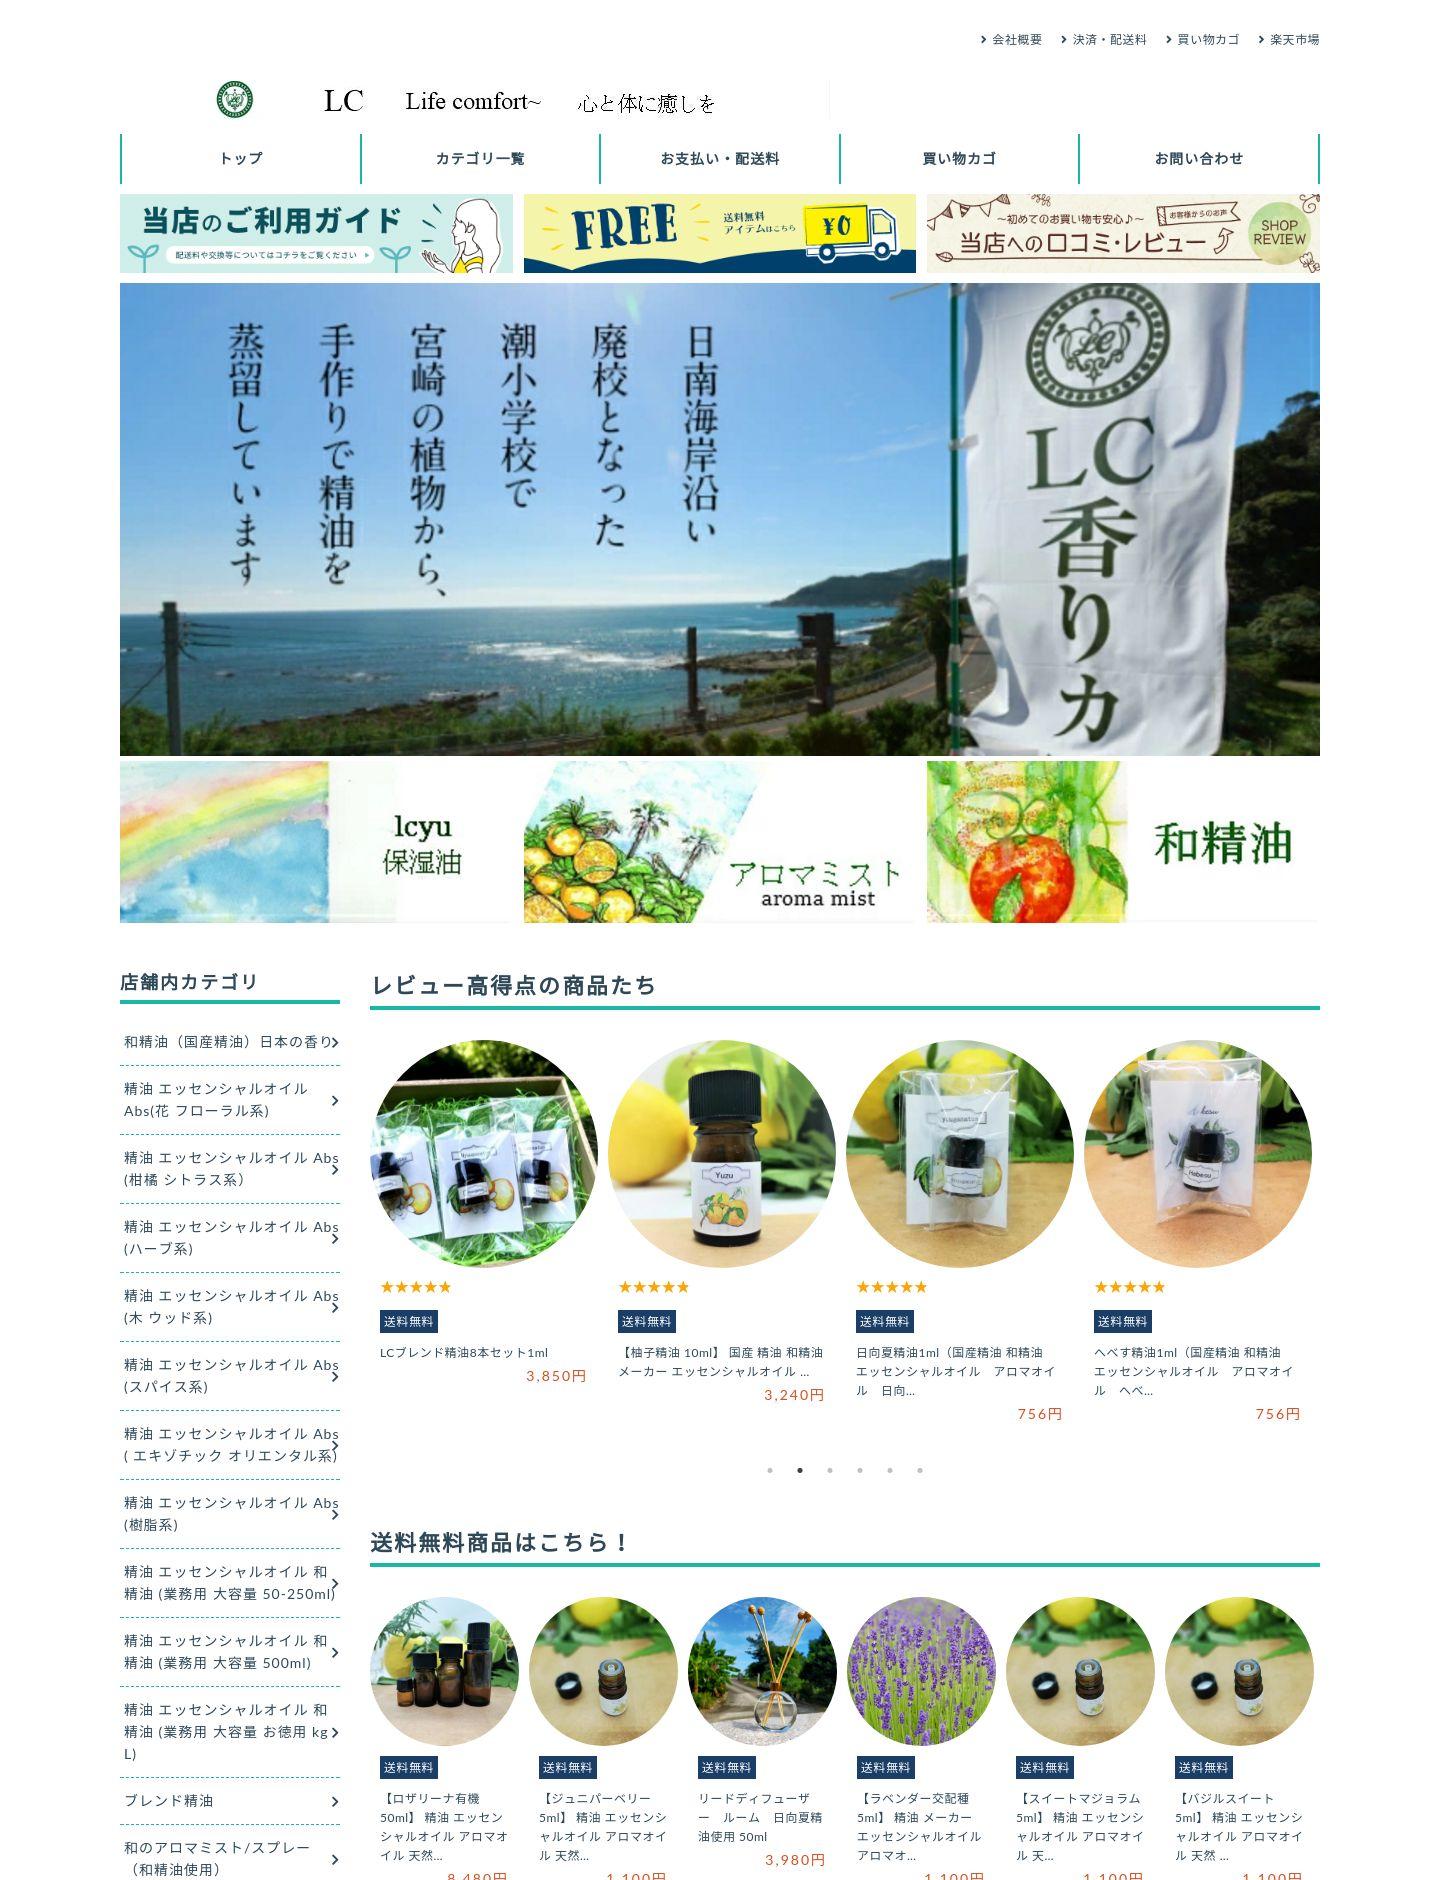 LC宮崎 楽天市場店様 サイト画像